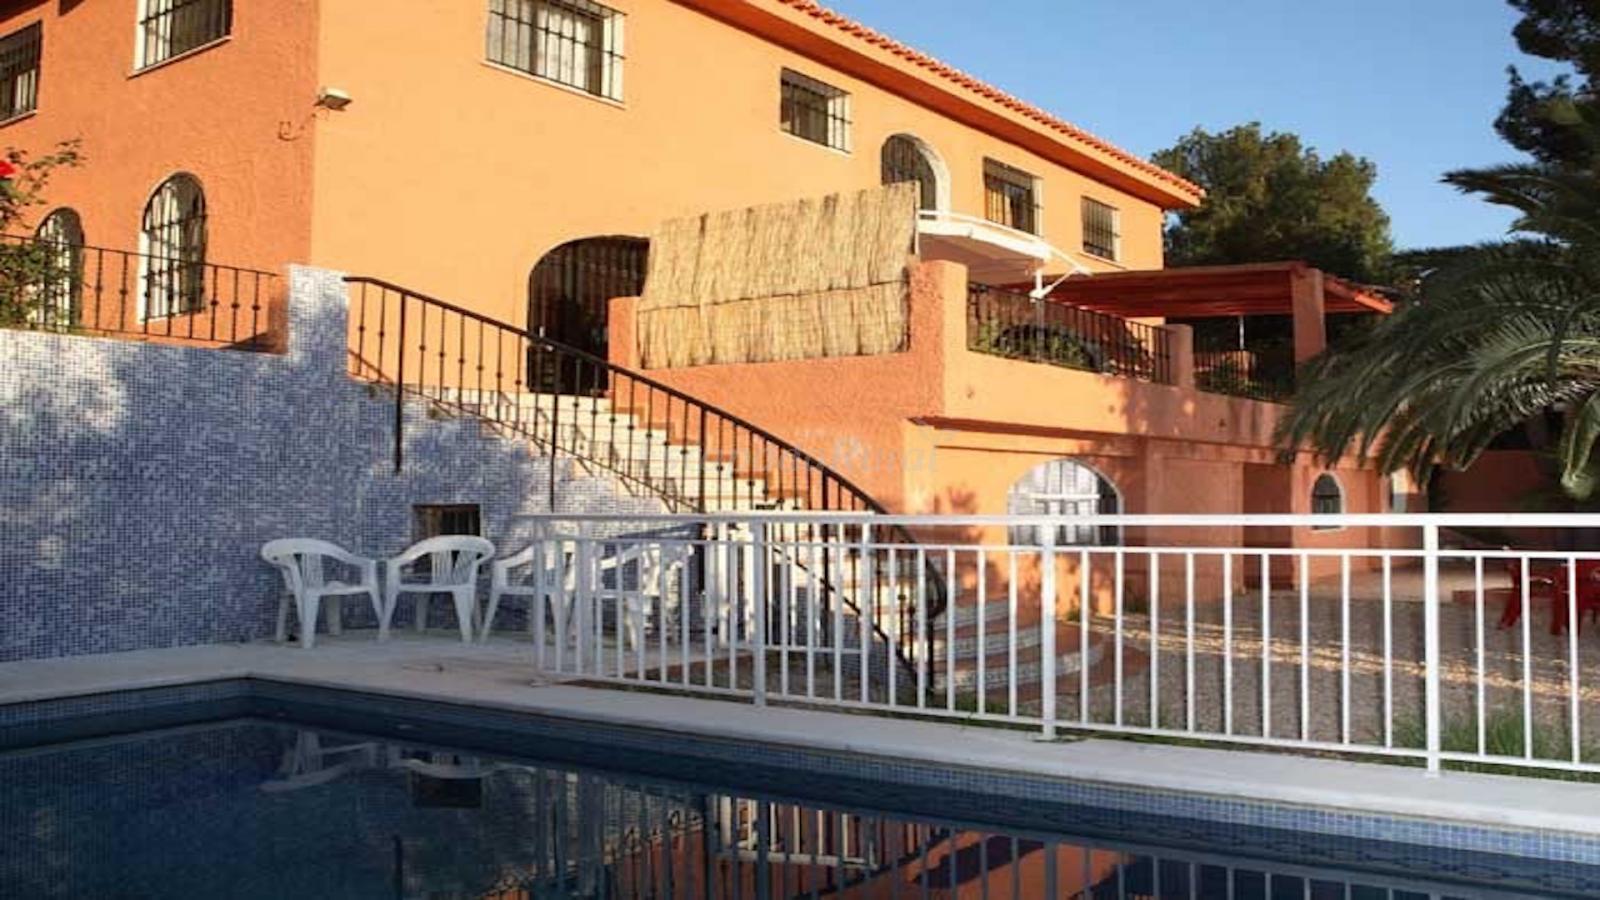 Fotos de la peque a casa de campo em el vedat valencia - Casa de campo en valencia ...